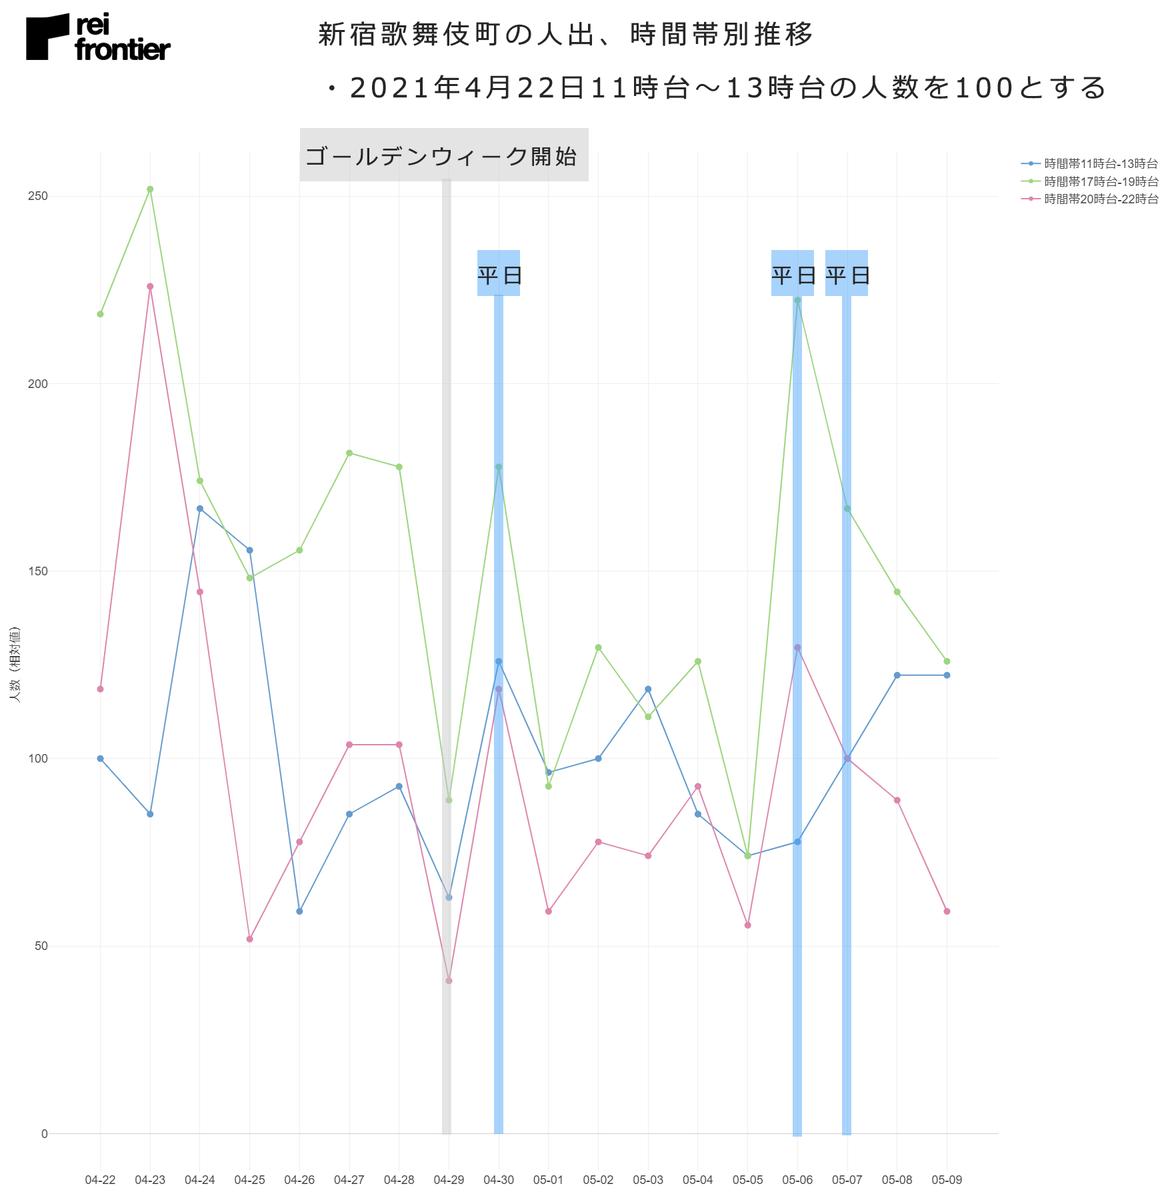 新宿歌舞伎町の人出、時間帯別推移